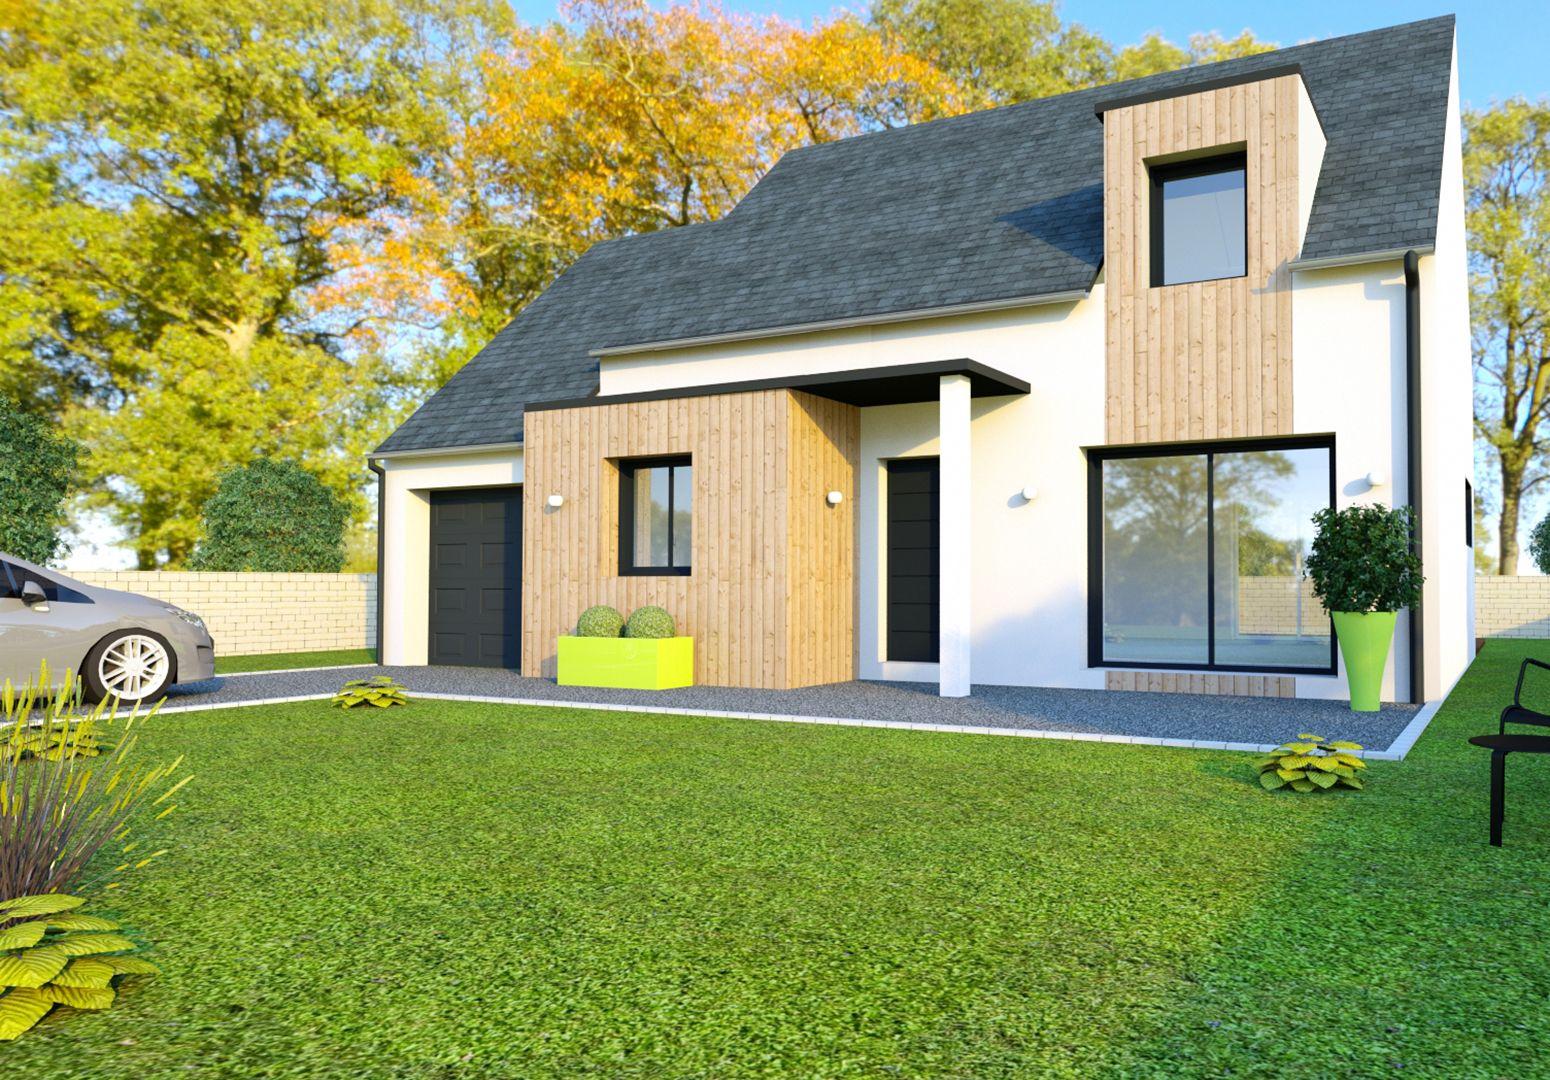 Constructeur Maison Neuve Ille Et Vilaine maison mÉlesse 3ch 100 | nos maisons | constructeur maison